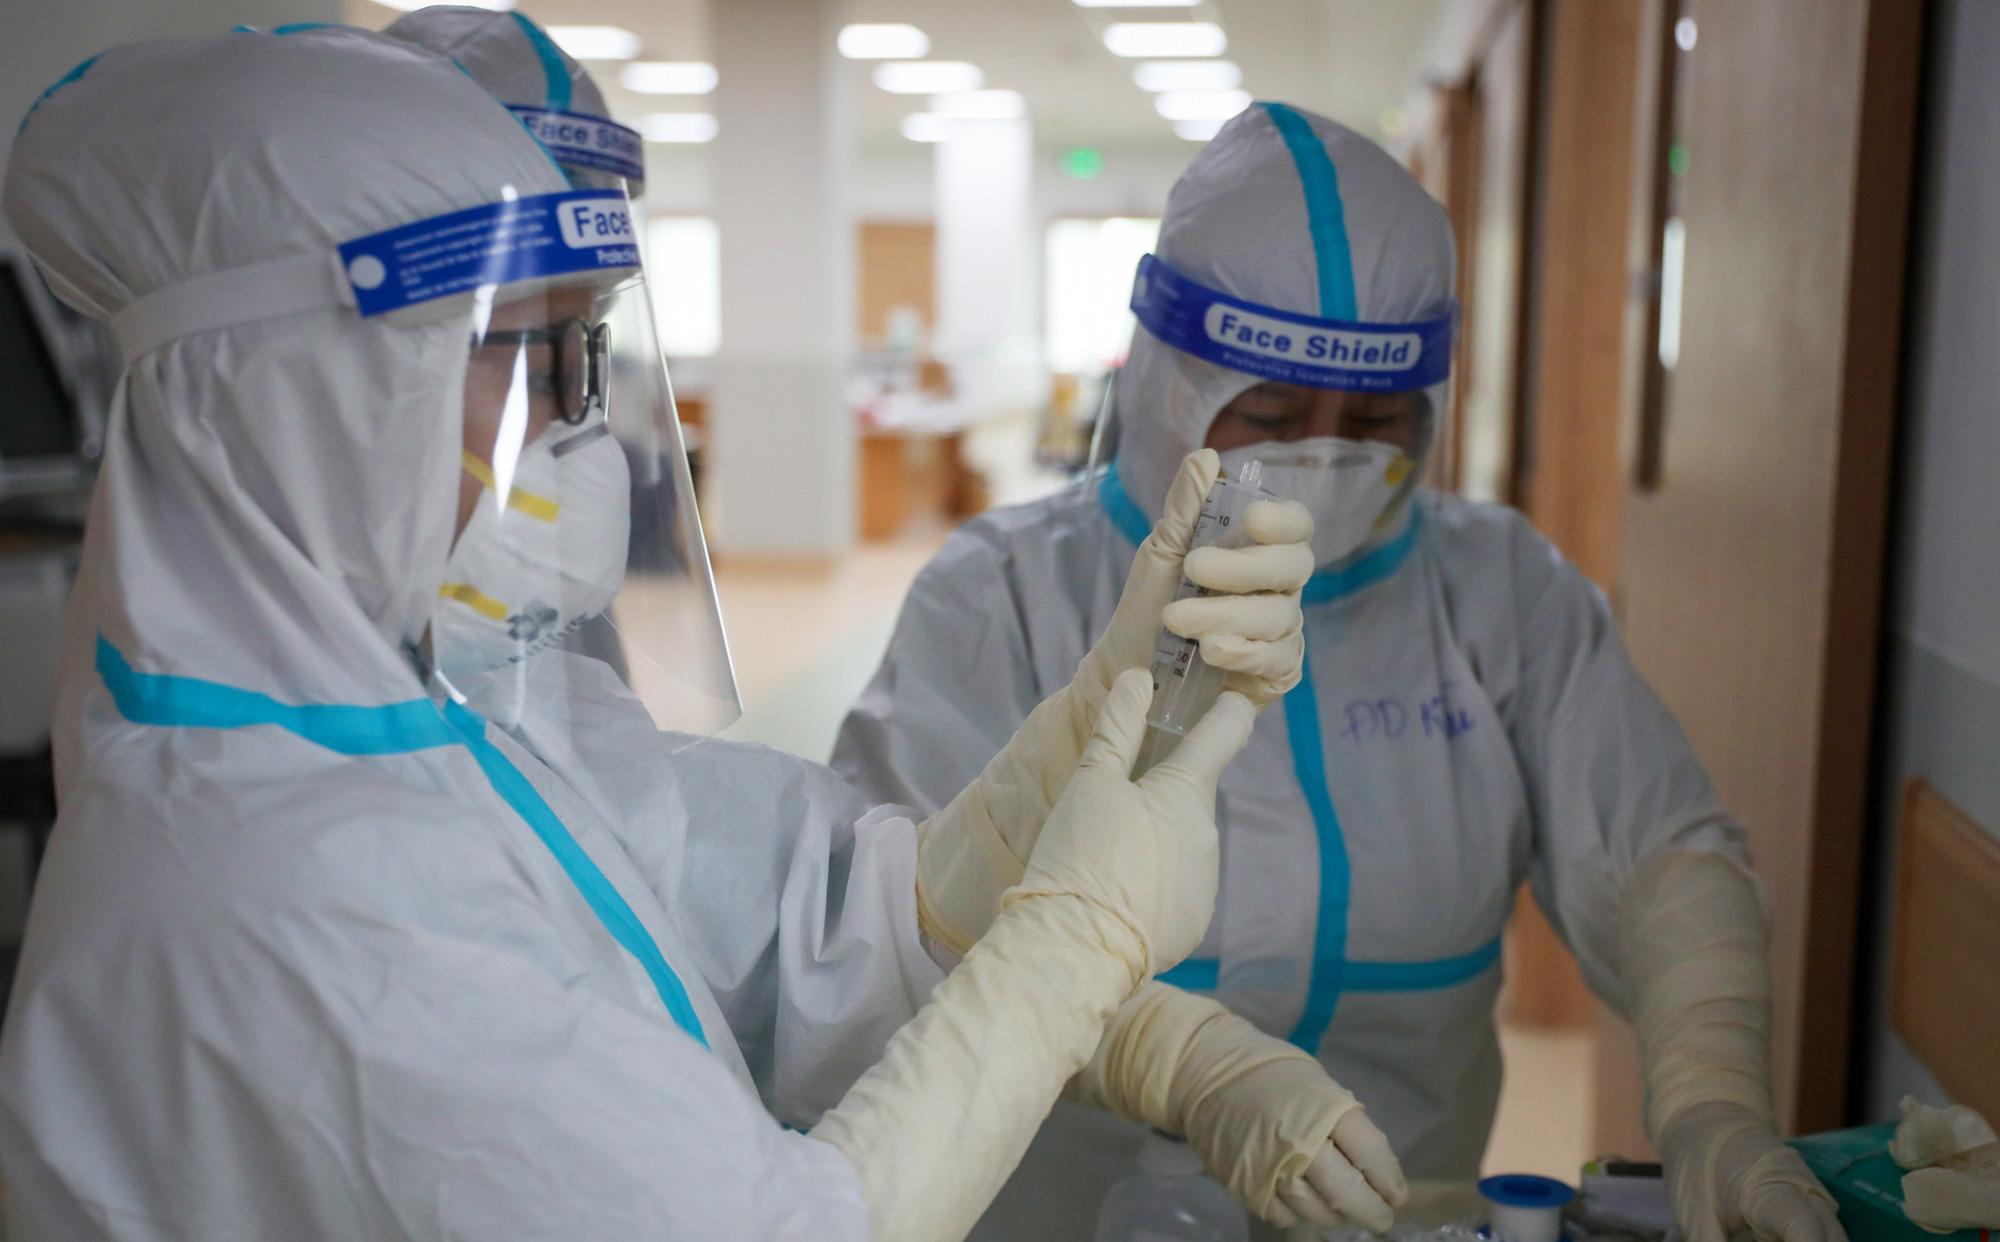 Hà Nội: Sáng 31/7, ghi nhận 23 ca dương tính với SARS-CoV-2